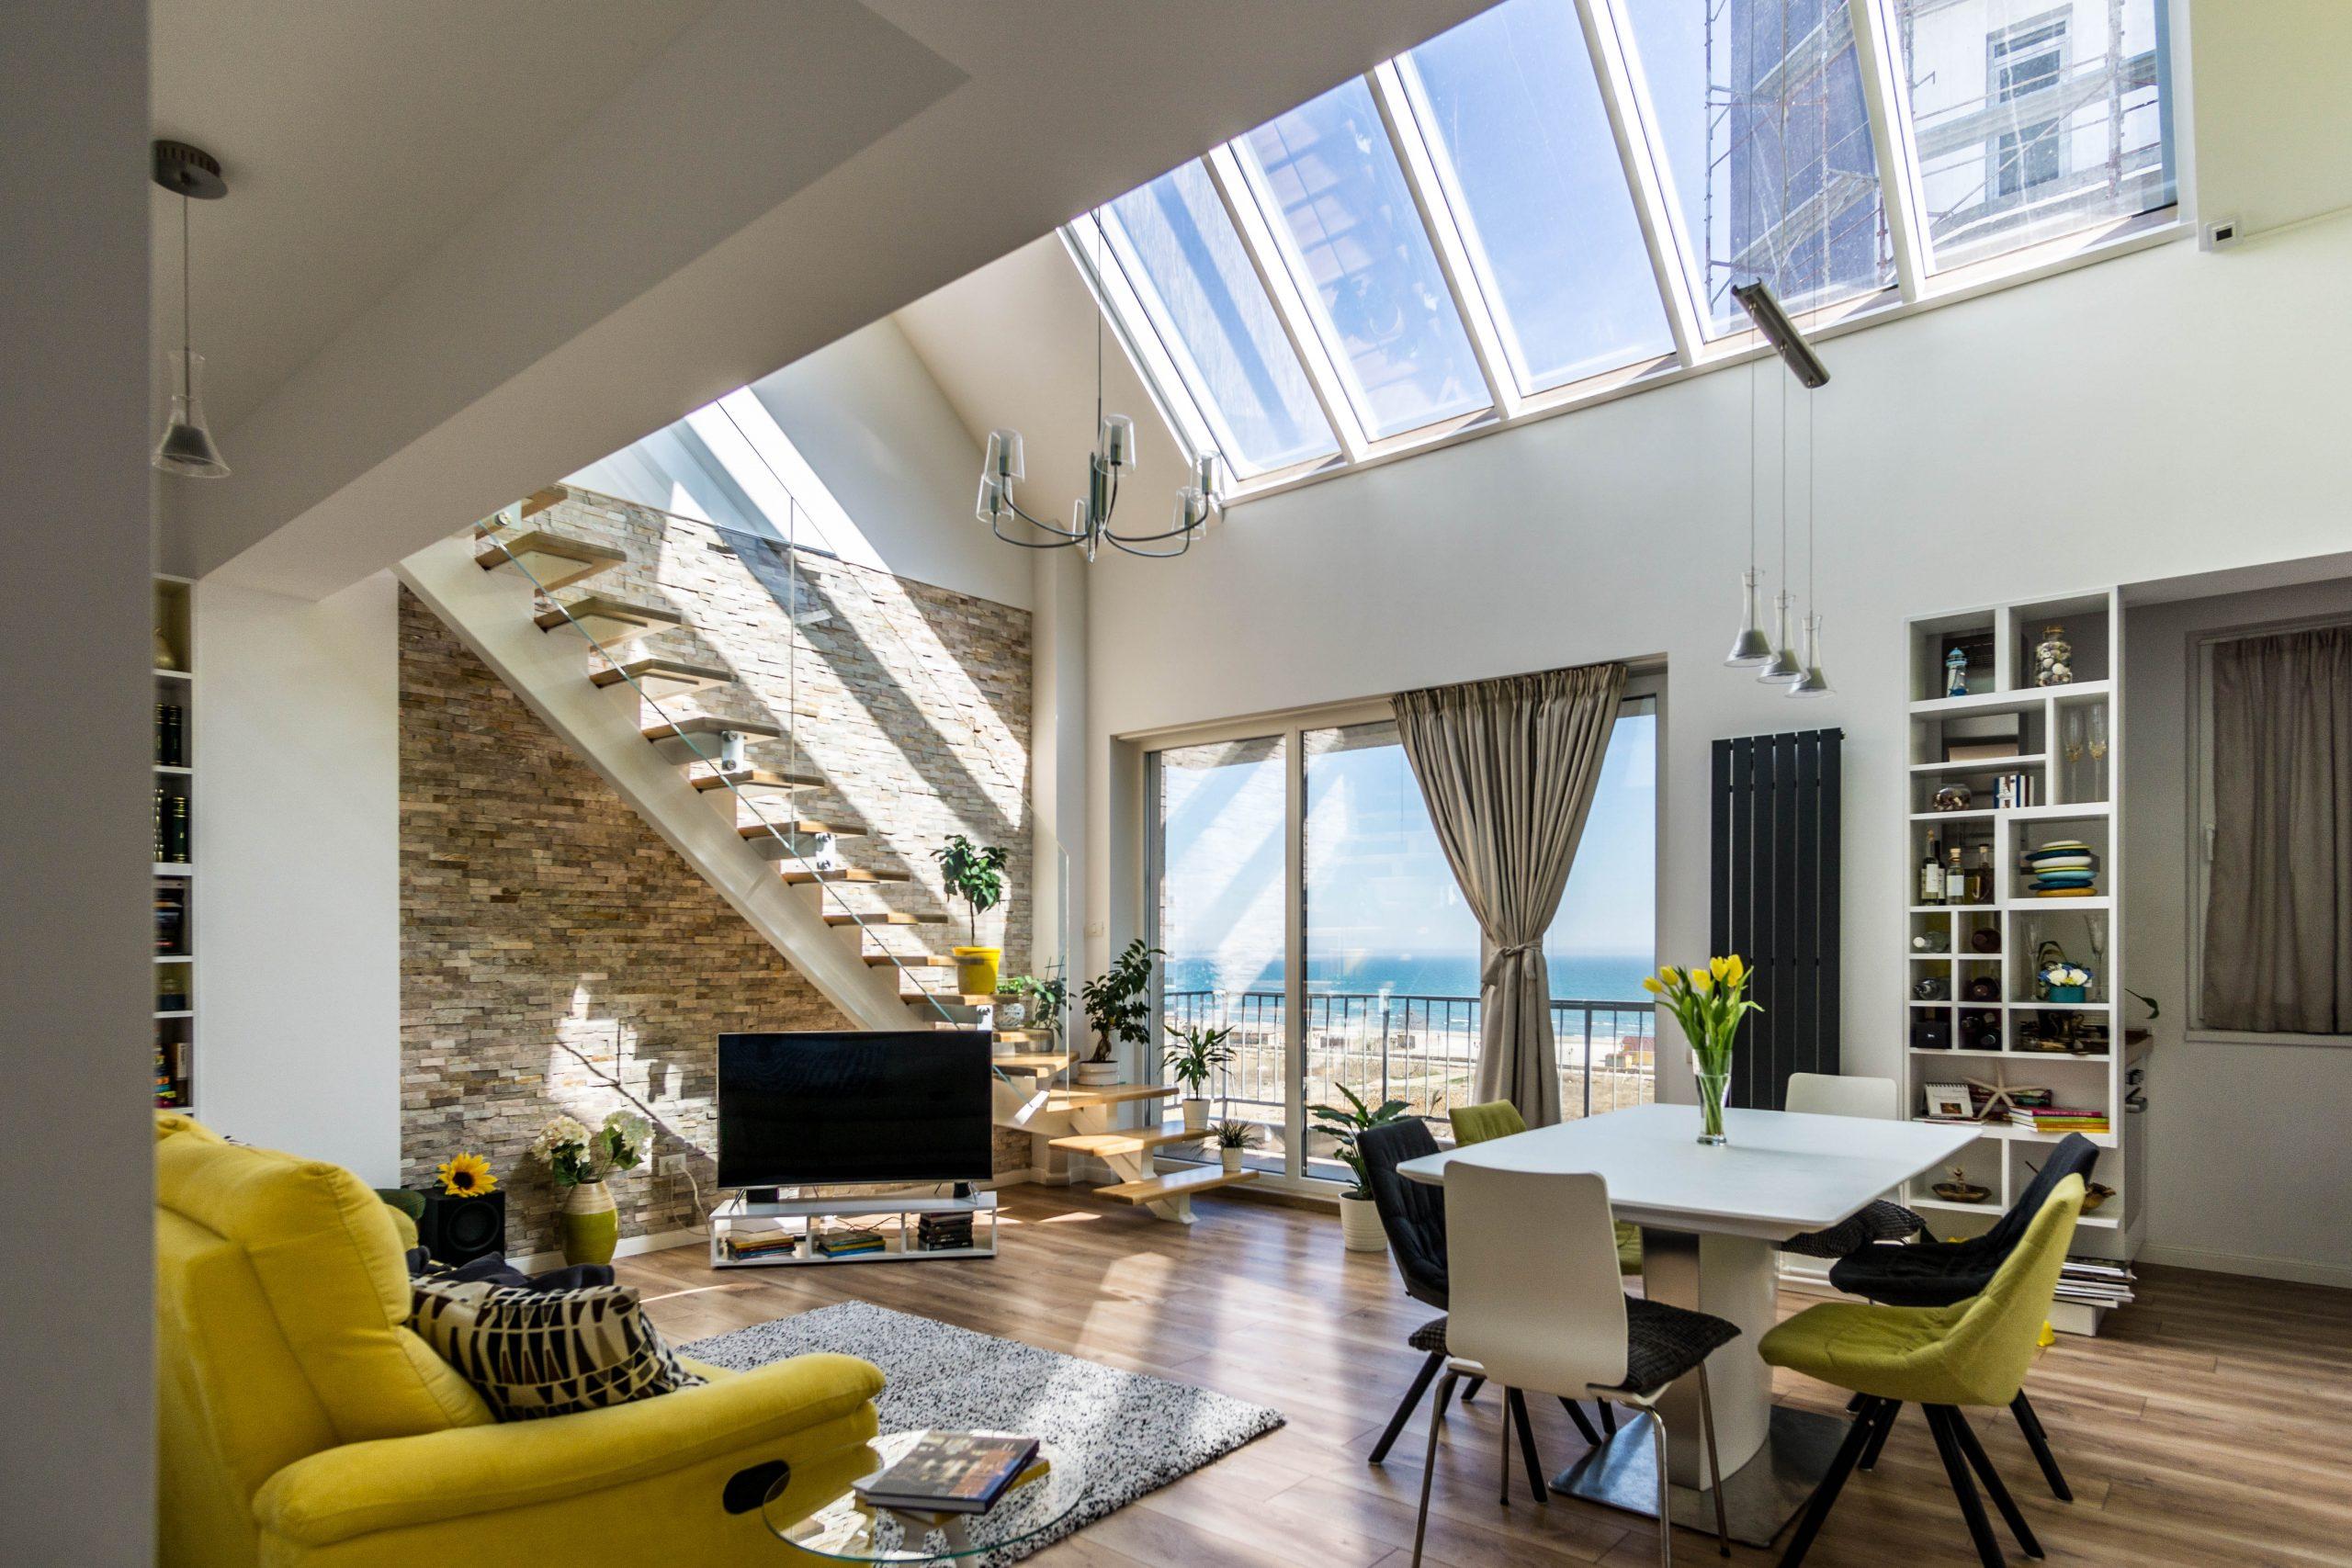 Penthouse duplex cu vedere spre mare - living open space ferestre de mansarda - designer Alina Enica